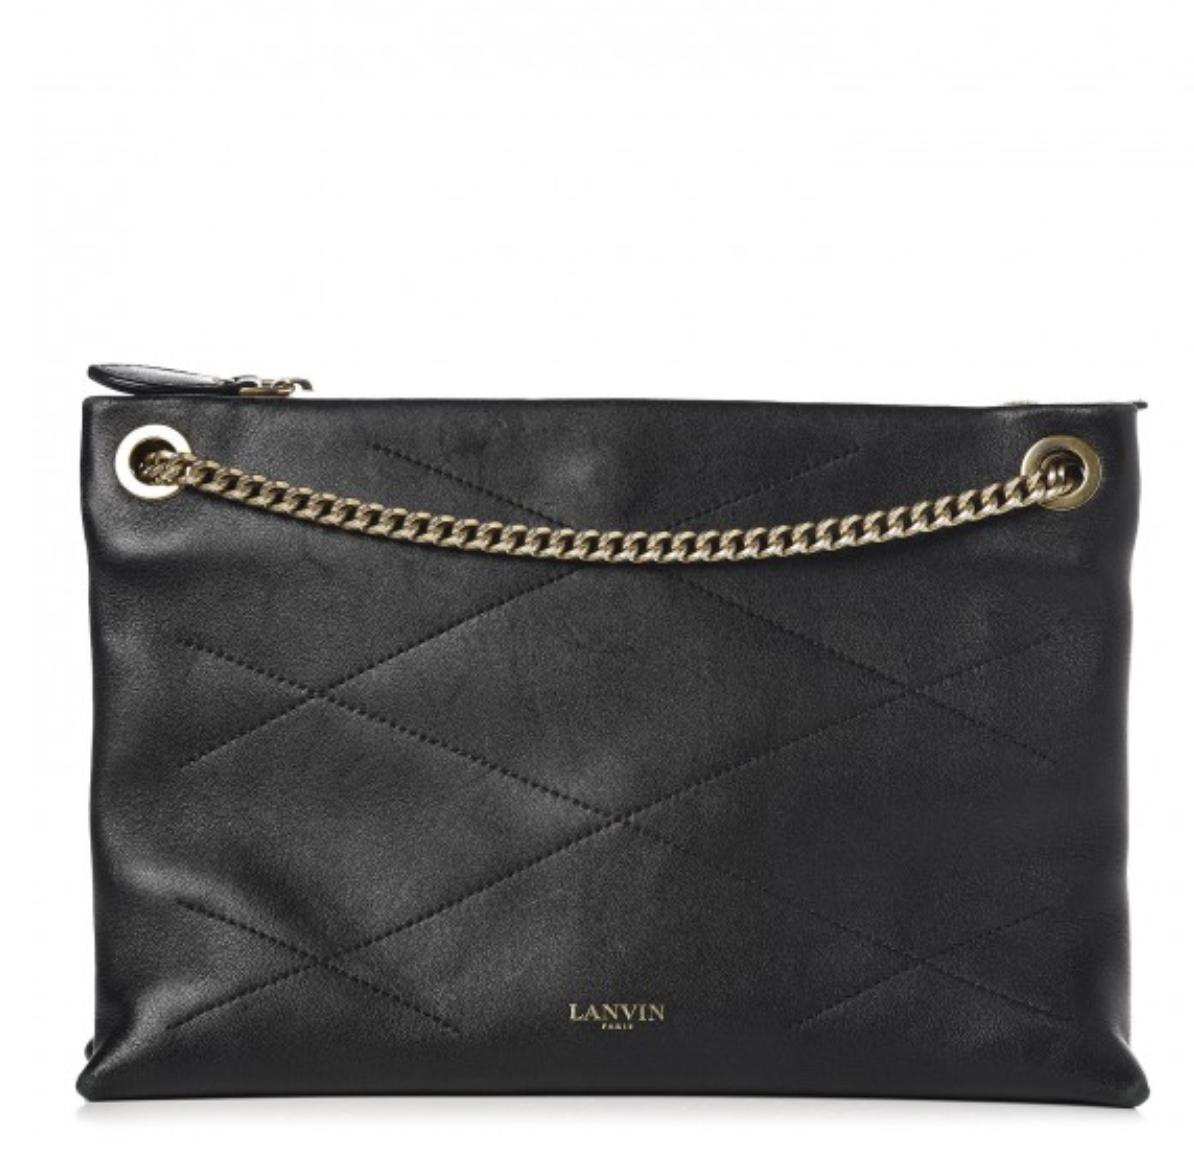 Lanvin Quilted Sugar Shoulder bag ($450)